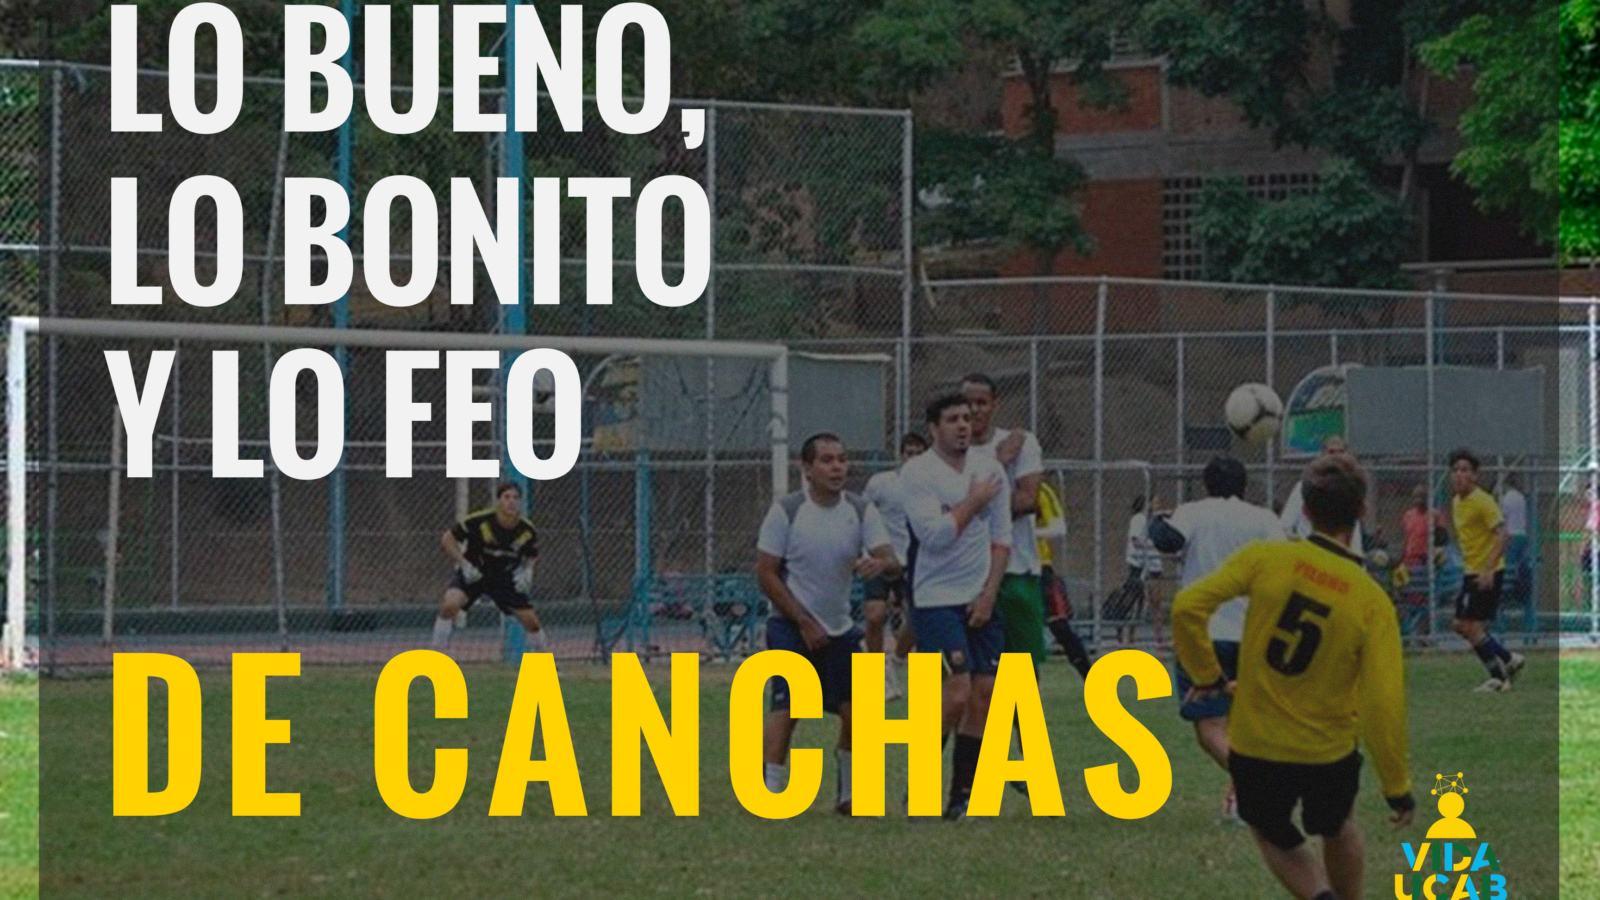 BUENO BONITO Y FEO DE CANCHAS